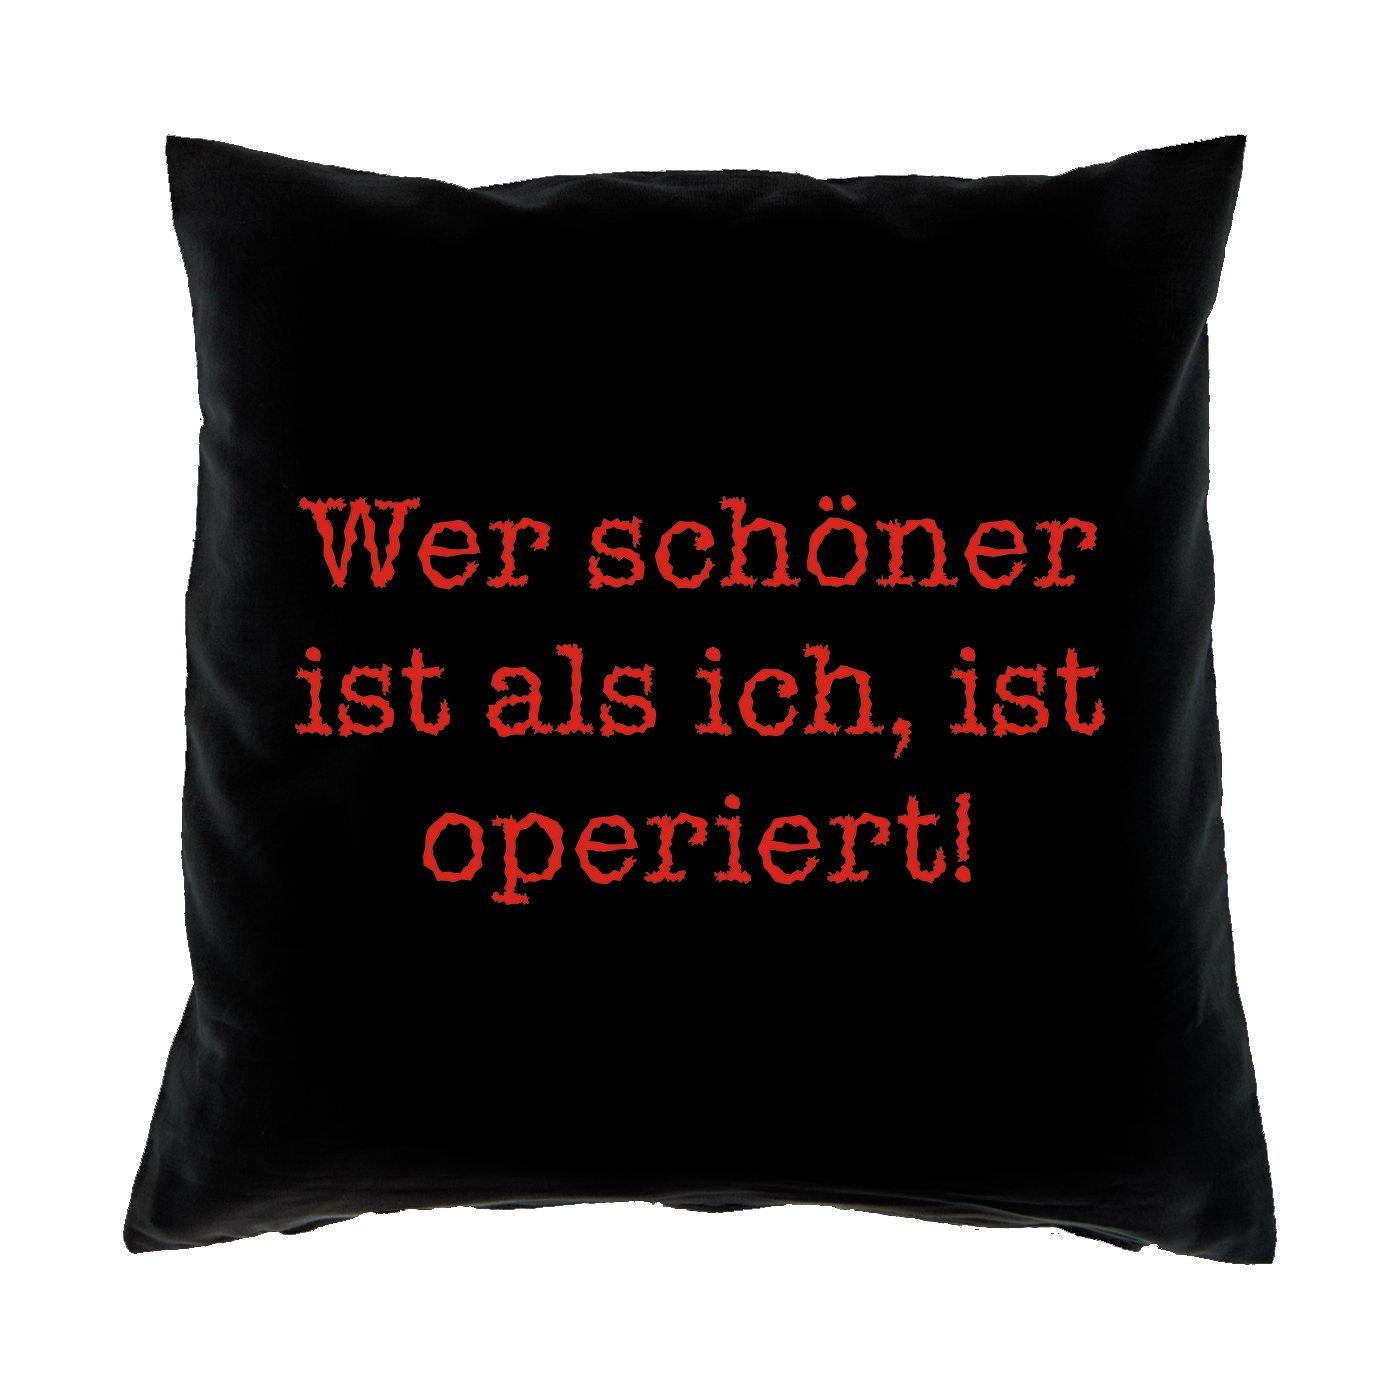 Sofa Fun Kissen mit Füllung - Motiv: Wer schöner ist als ich, ist operiert!